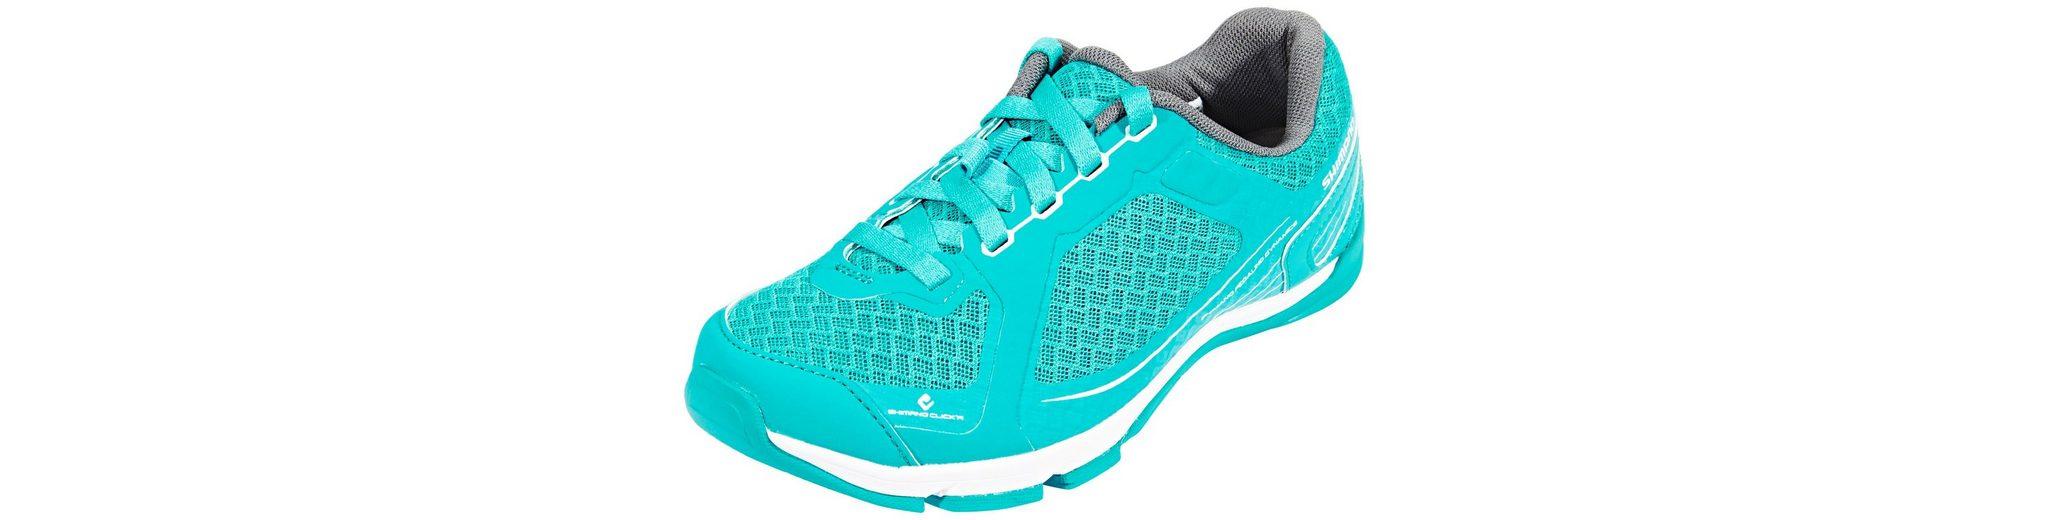 Steckdose Modische Shimano Freizeitschuh SH-CW41G Schuhe Damen Spielraum Neu Aaa Qualität VVZdAQETu